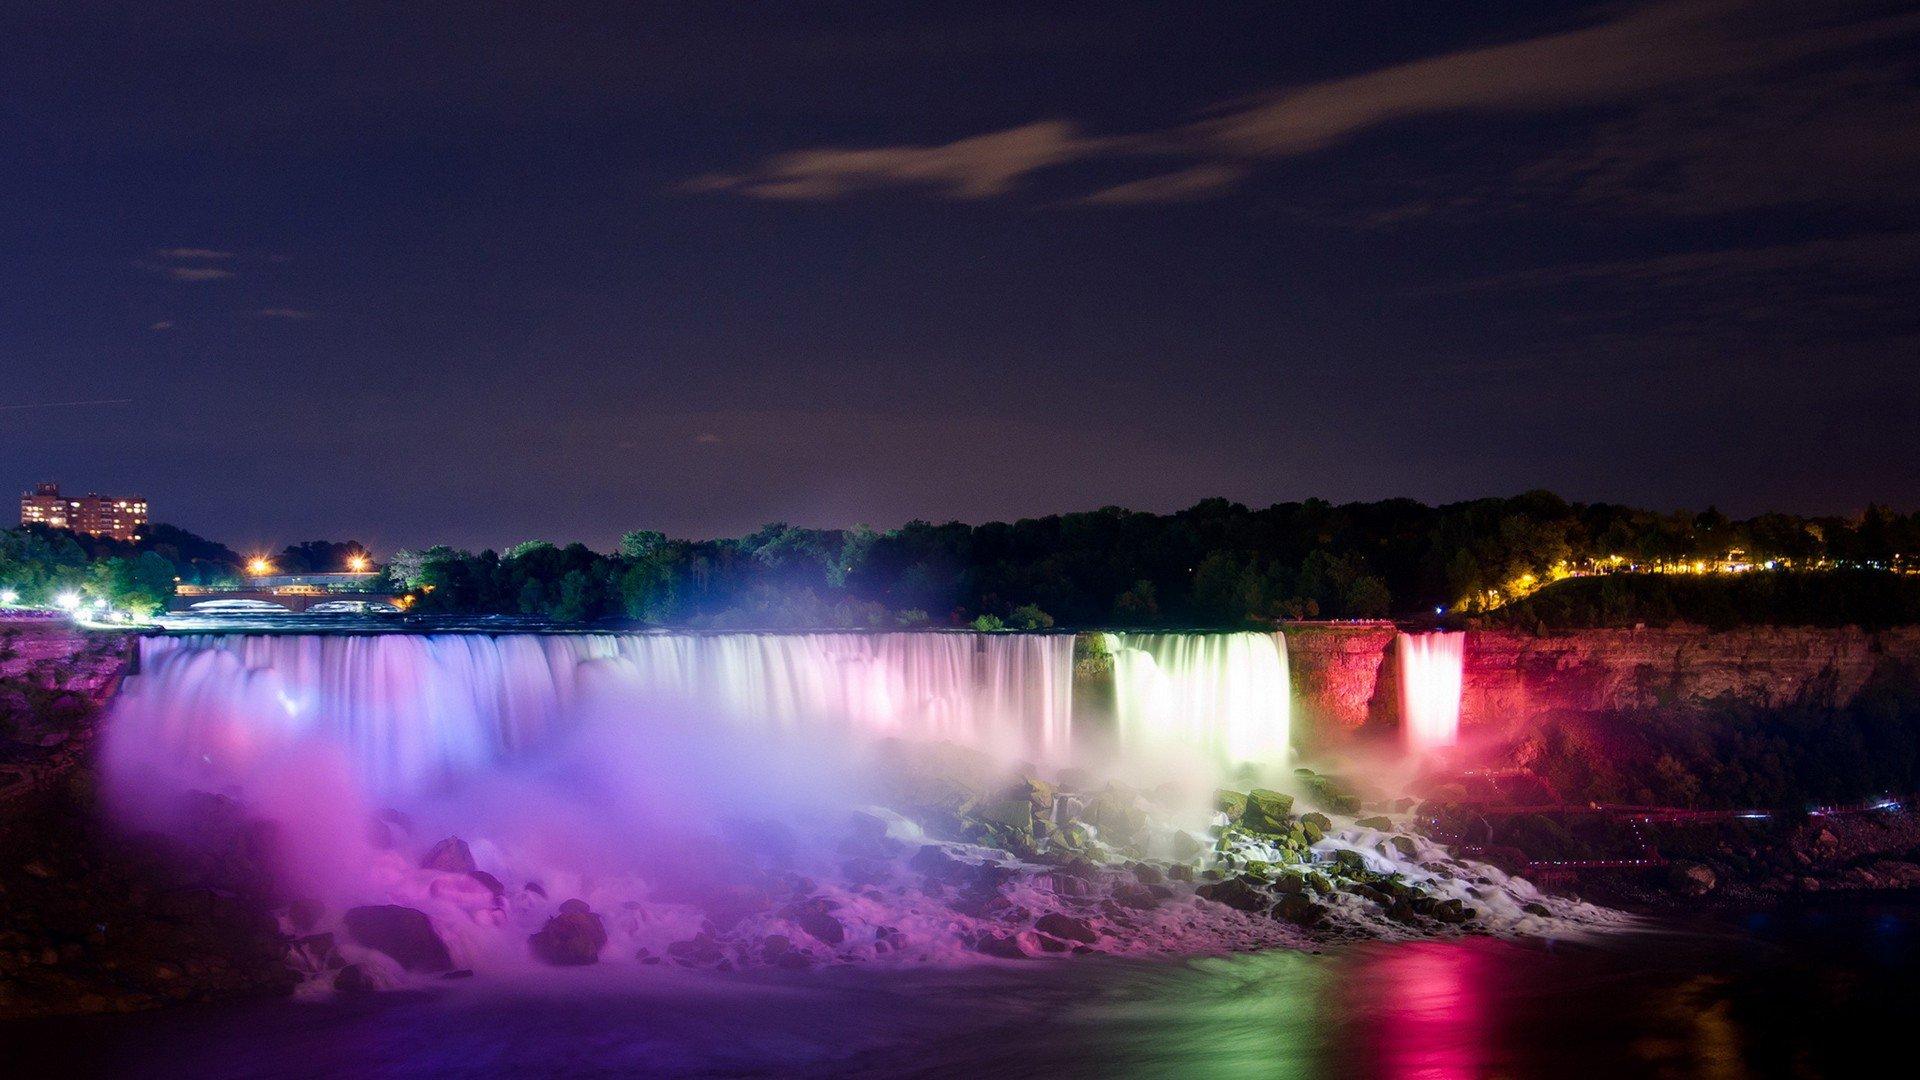 Niagara Falls At Night Wallpaper Hd Niagara Falls At Night Full Hd Wallpaper And Background